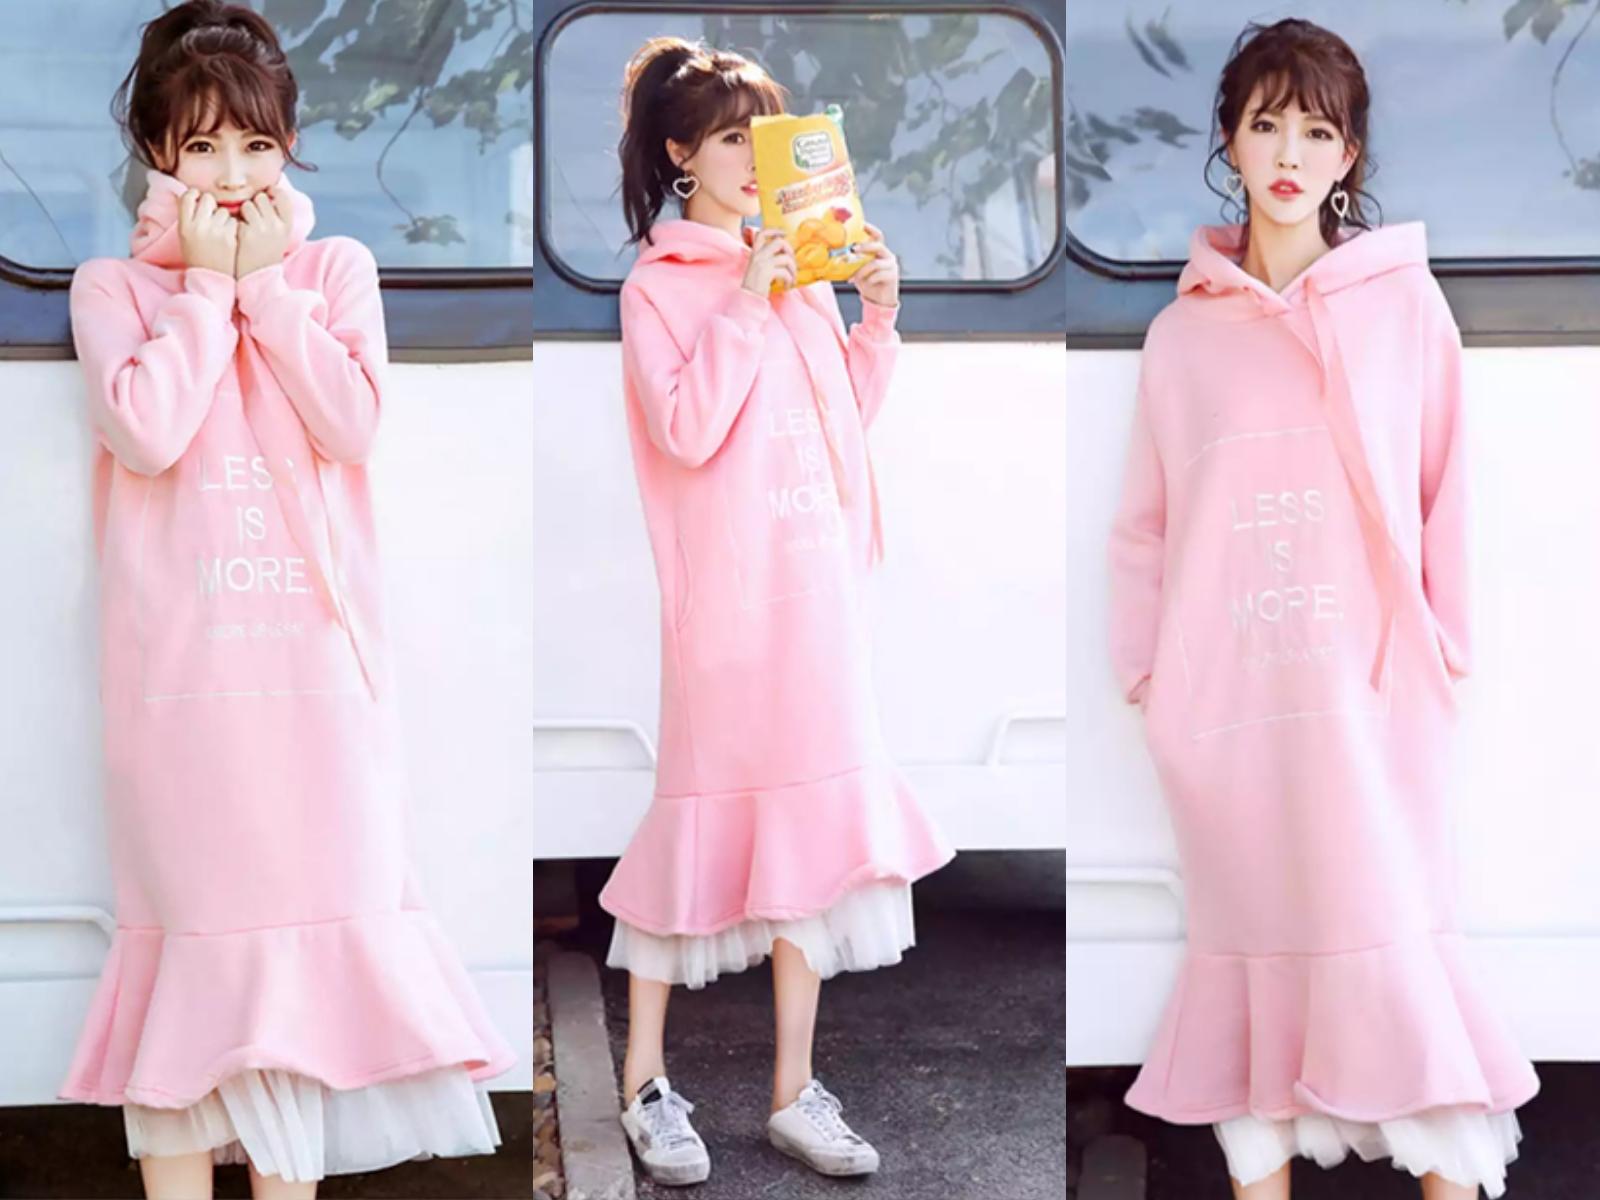 女生现在流行的衣服_对于我这种大大咧咧的女生来说,对于少女粉色这种色调来说,真的很难